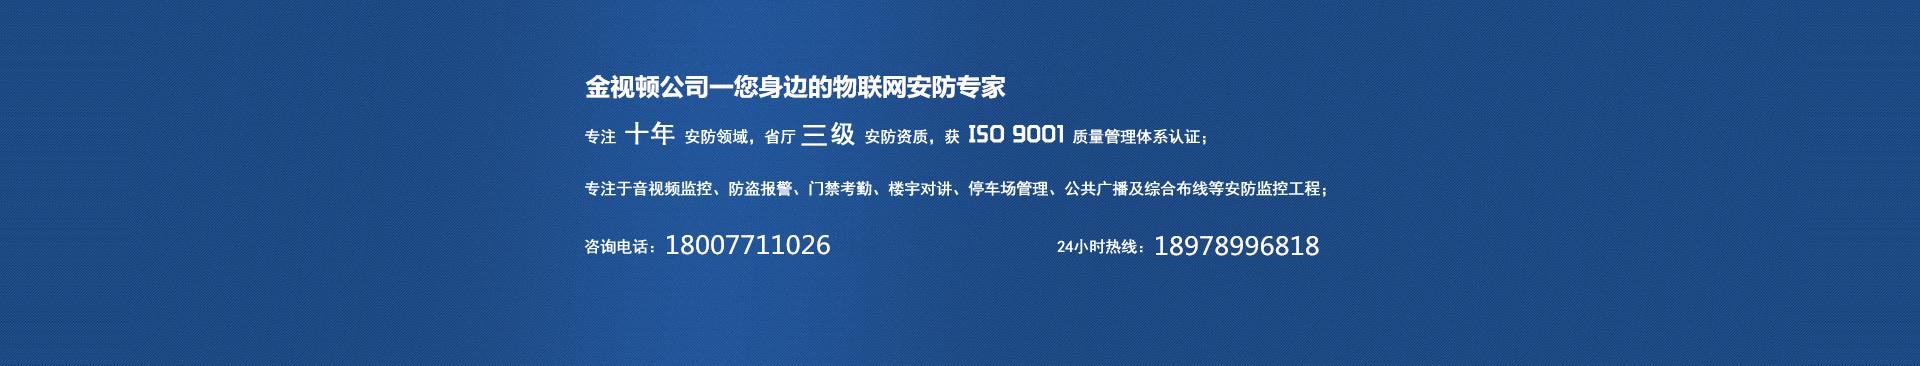 湖北智美达大奖888手机版工程有限公司,您身边的大奖888手机版专家!